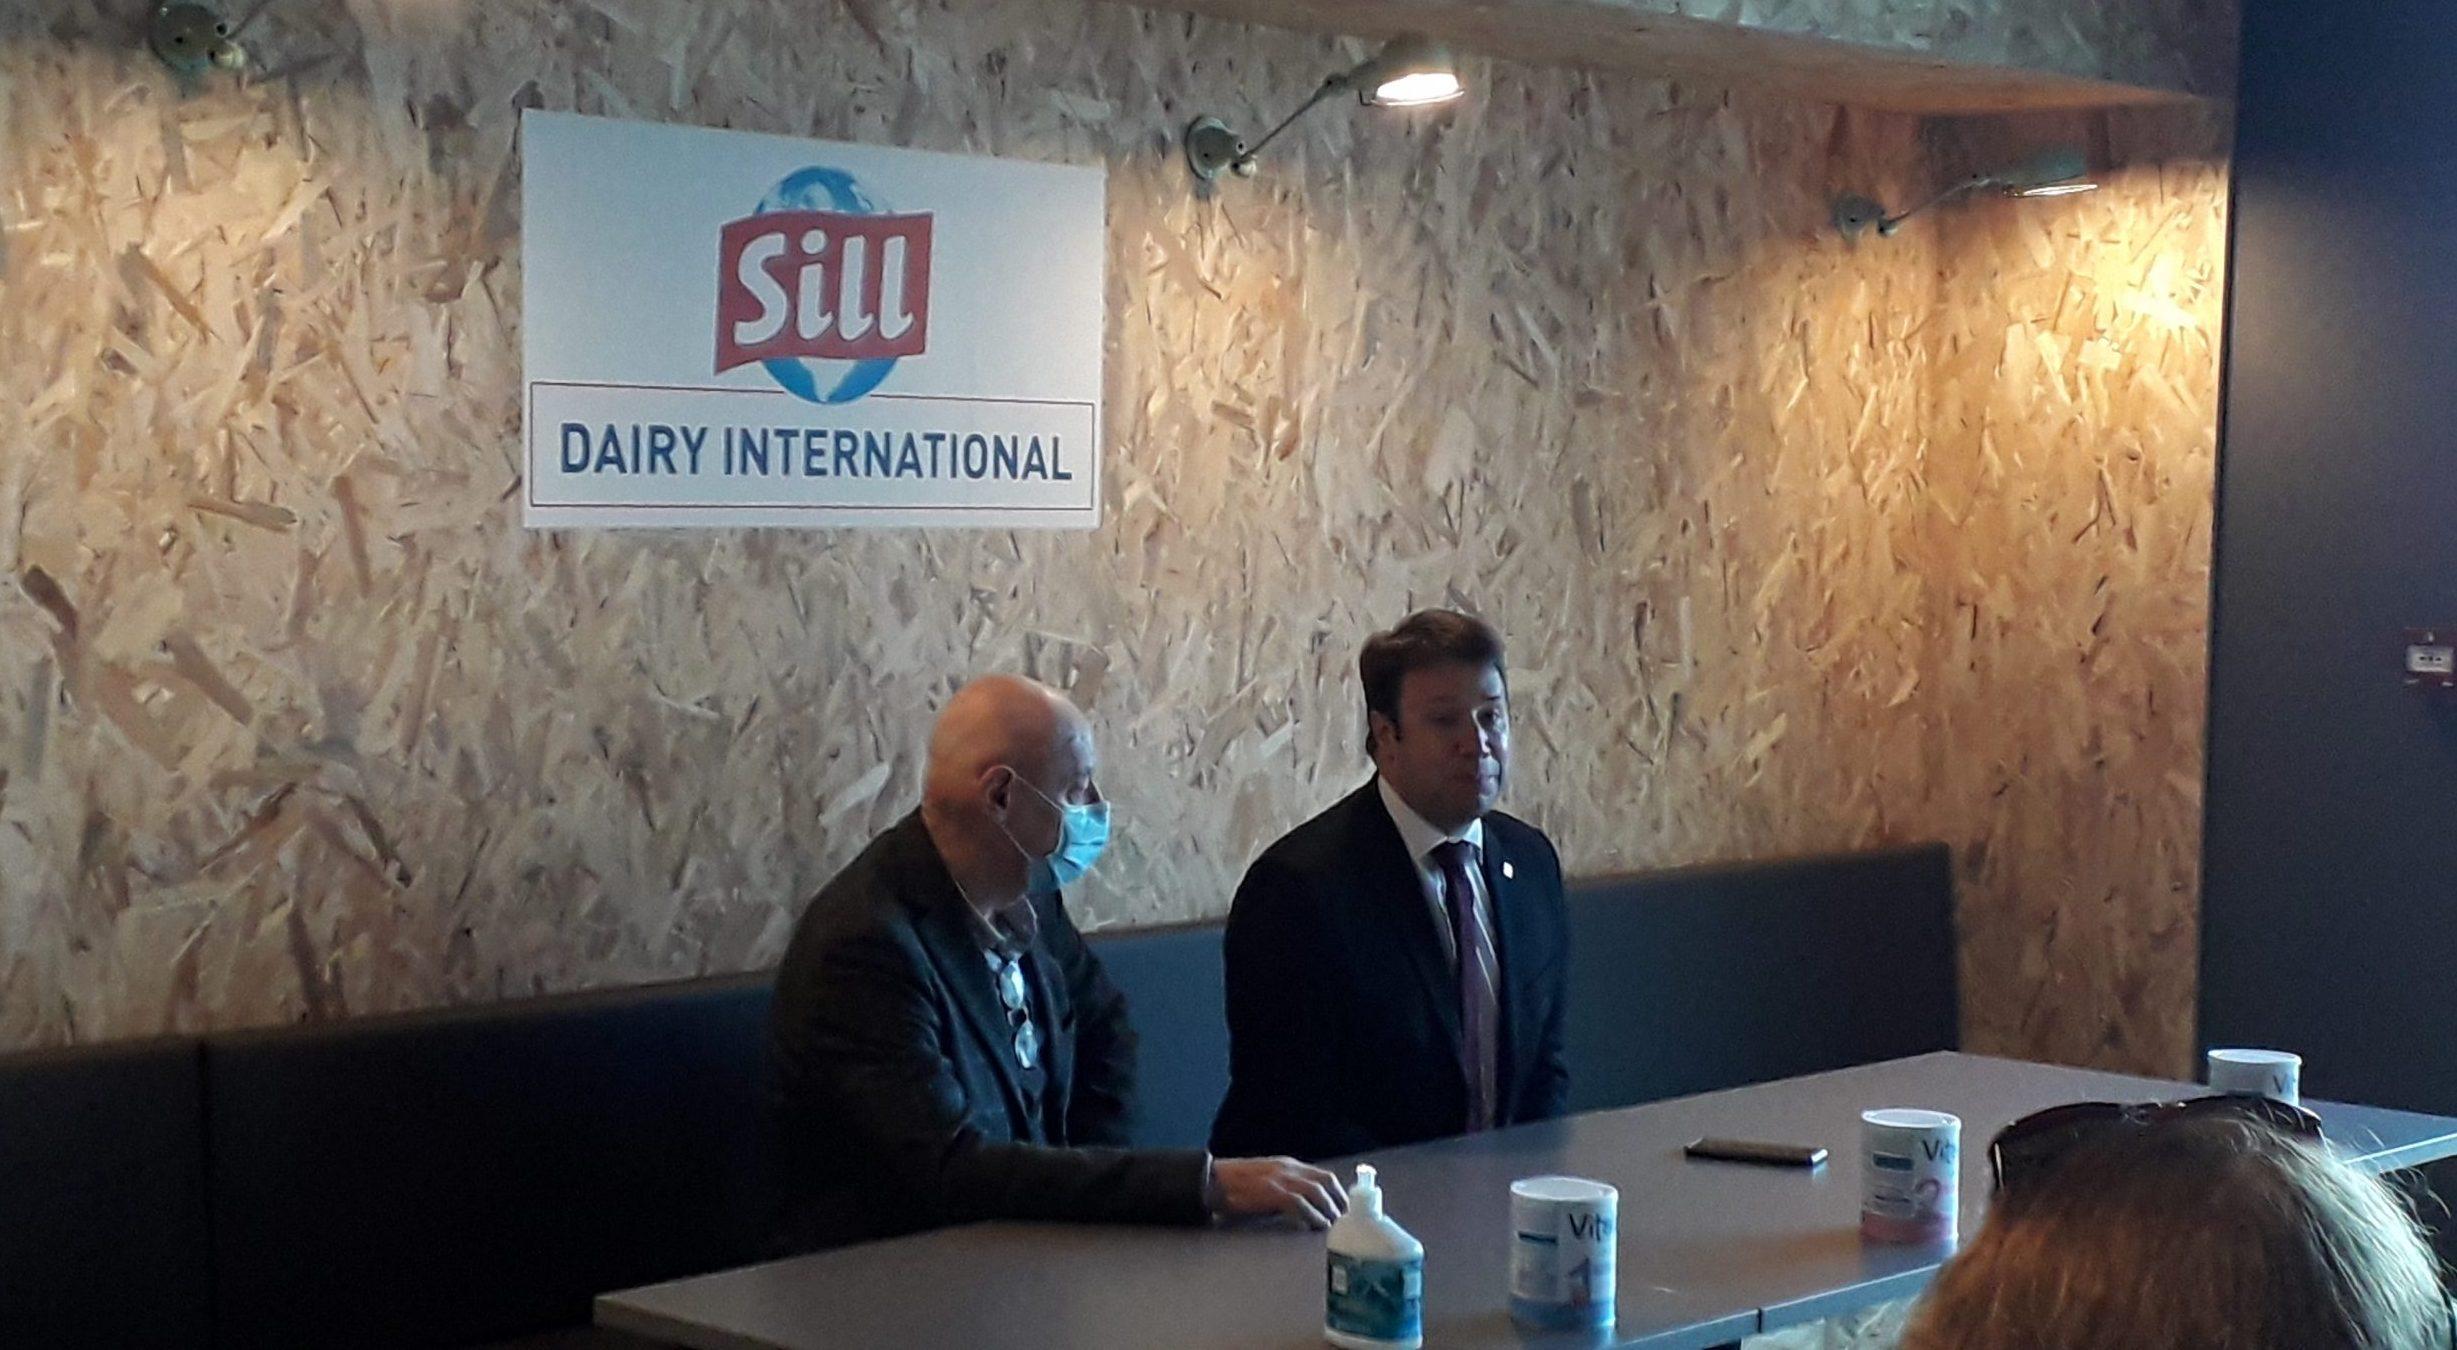 Le Président de la Région Bretagne sur le site SILL Dairy International